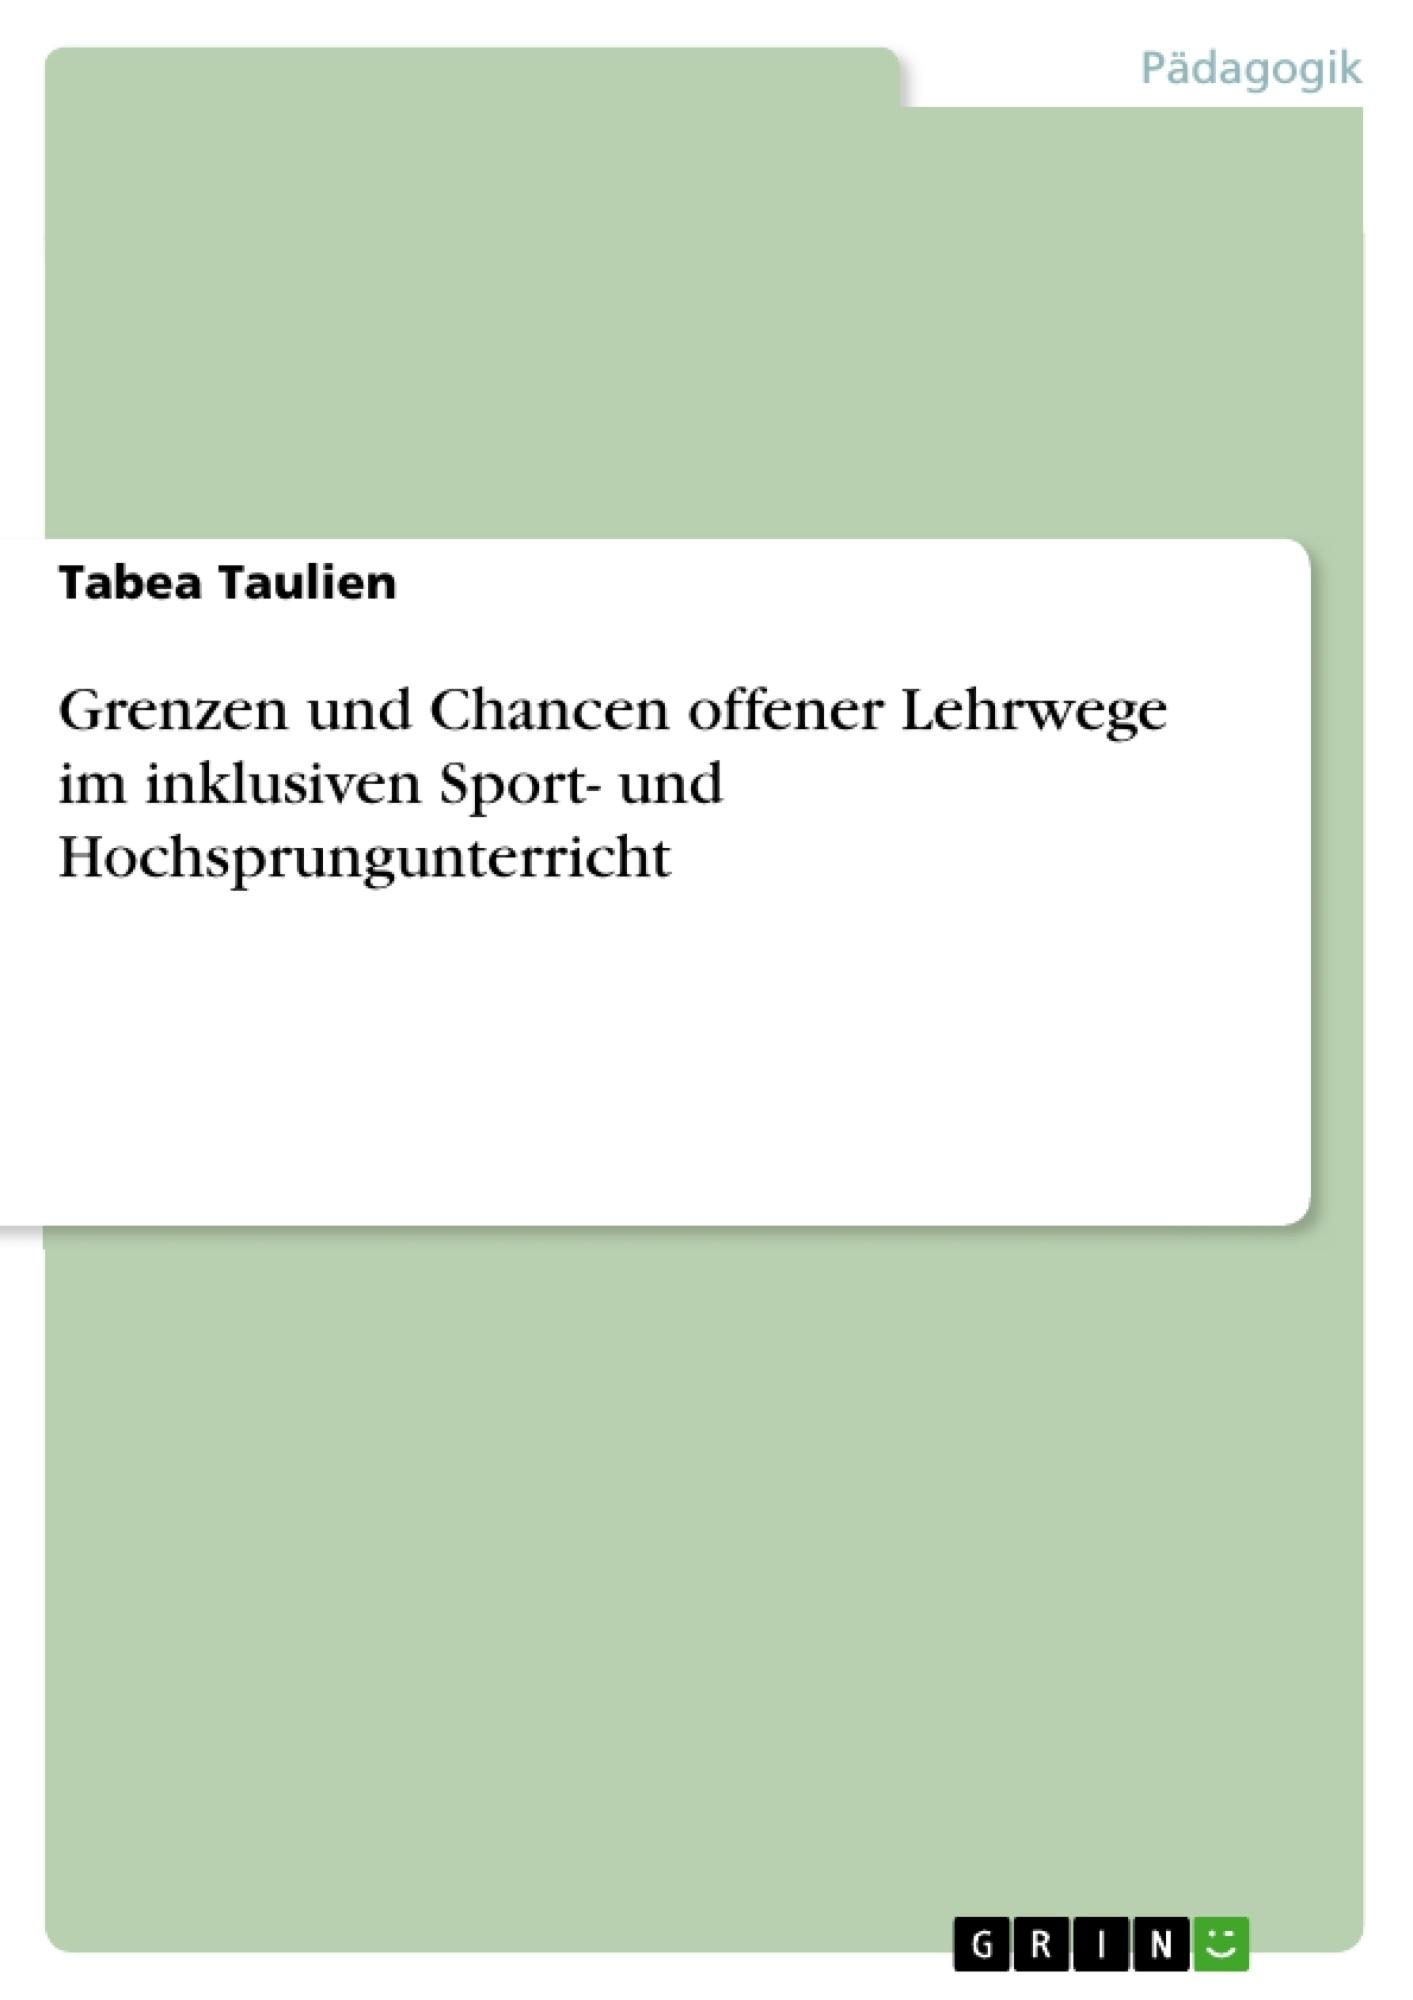 Titel: Grenzen und Chancen offener Lehrwege im inklusiven Sport- und Hochsprungunterricht